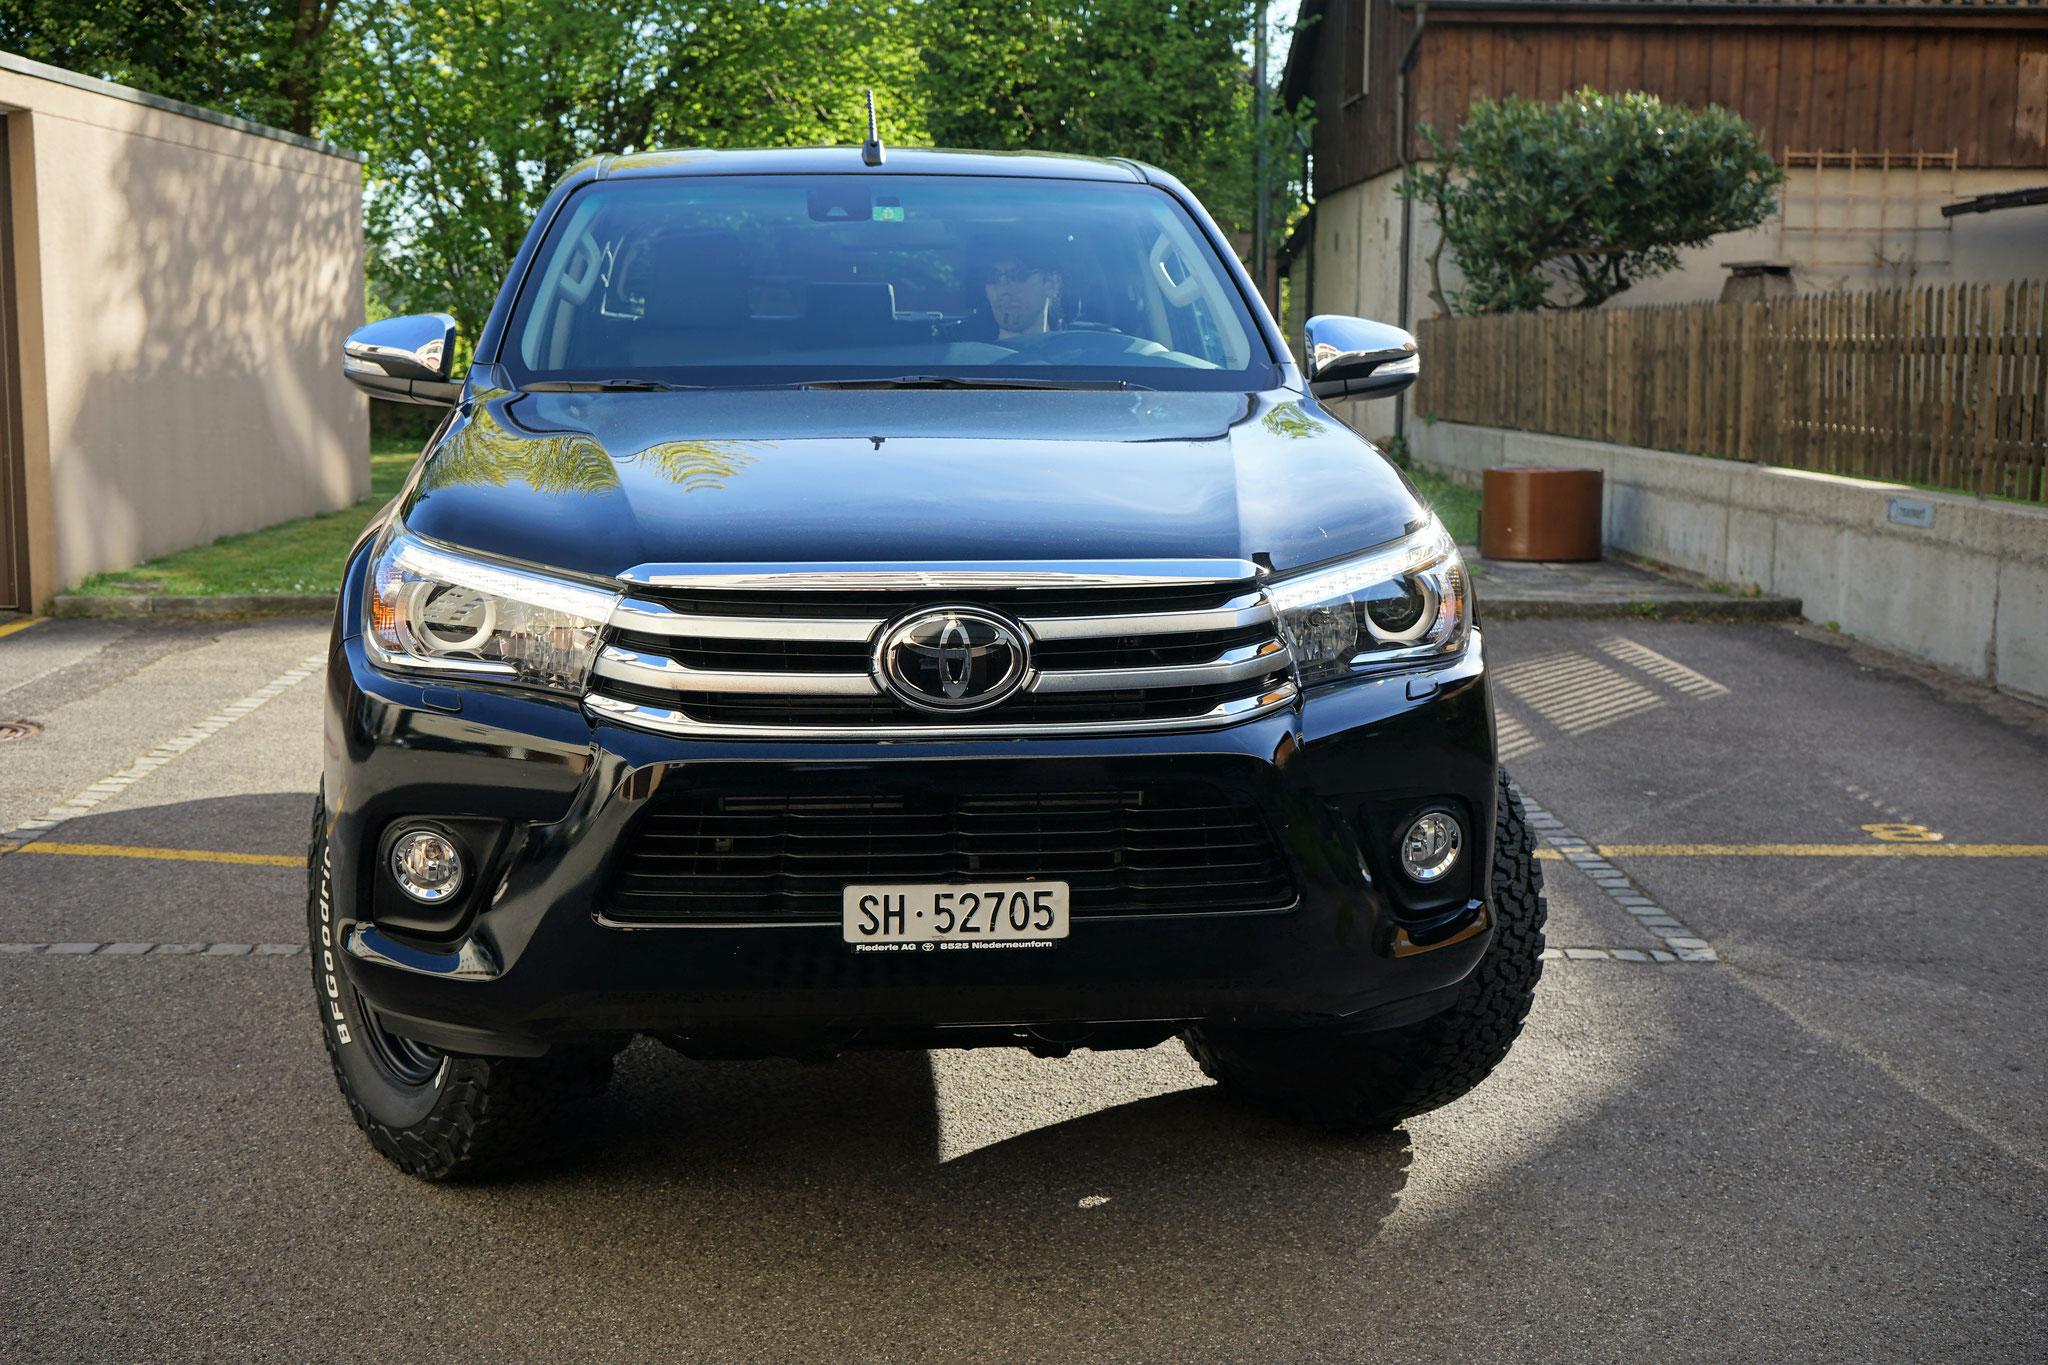 Toyota Hilux docab 2016 2017 2018 2.4 Revo sol premium 4x4 #Projektblackwolf  Wolf78-overland.ch offroad overland 4x4 Bf goodrich